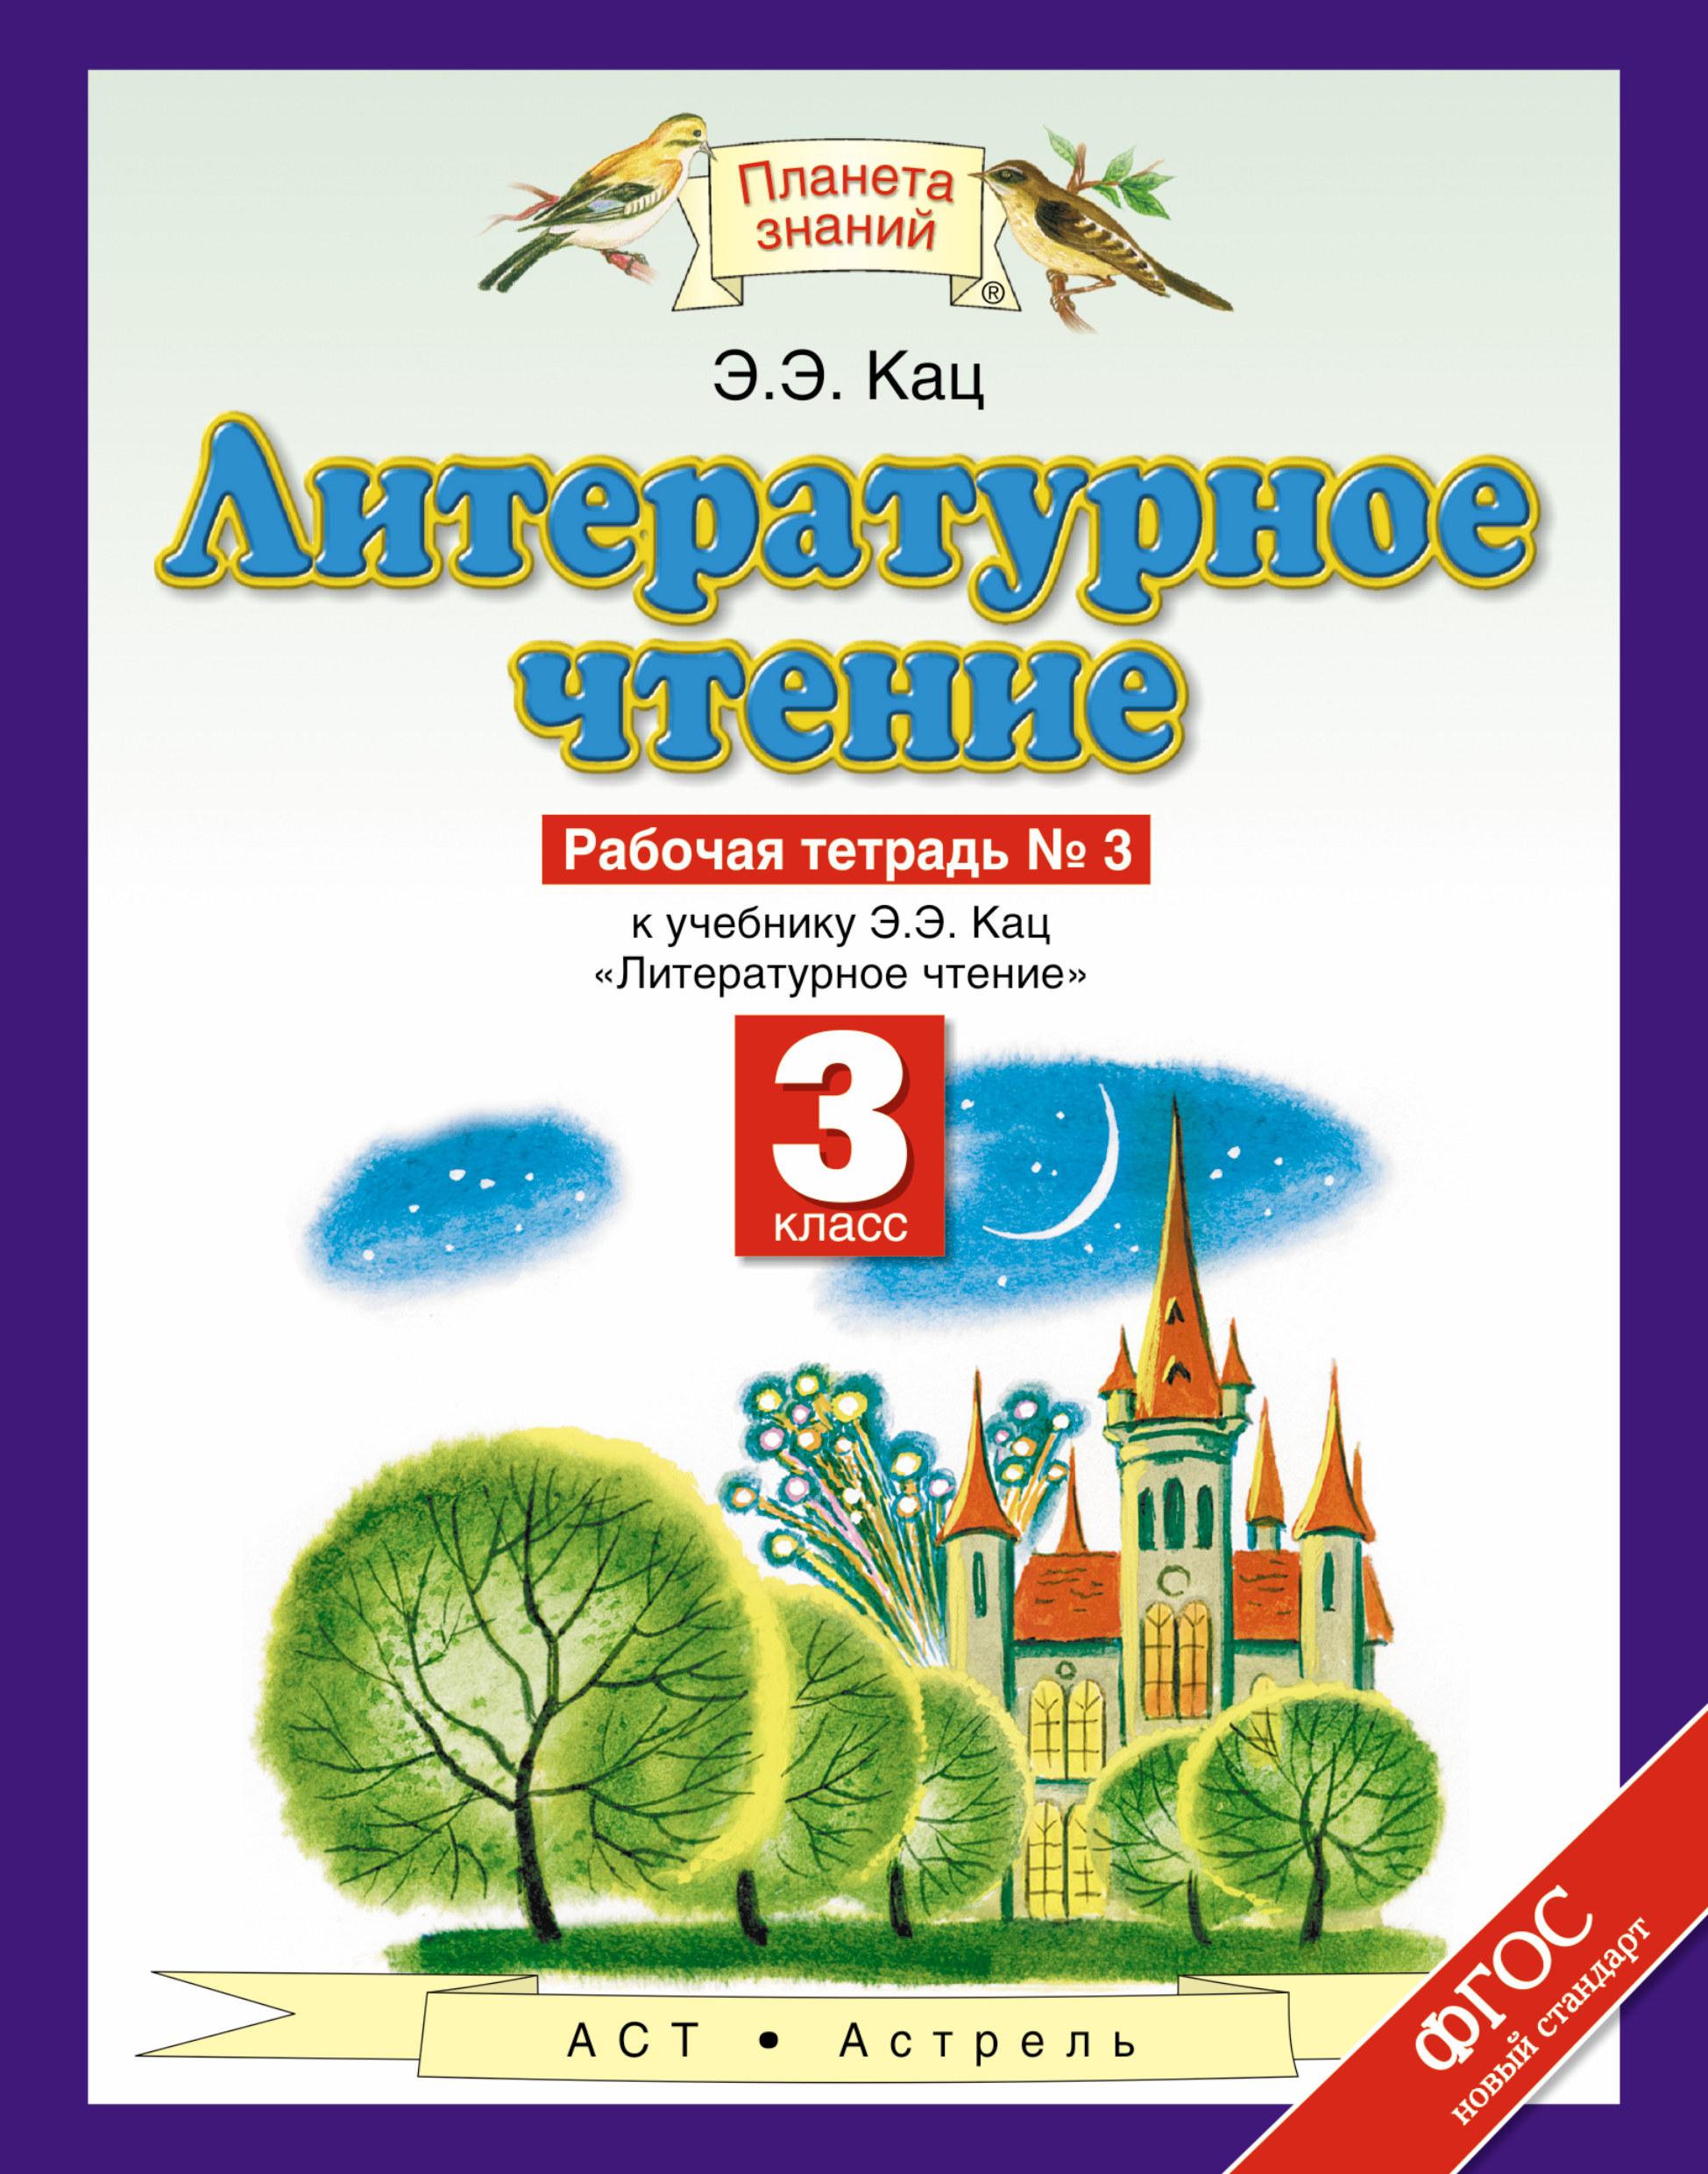 Литературное чтение. 3 класс. Рабочая тетрадь № 3